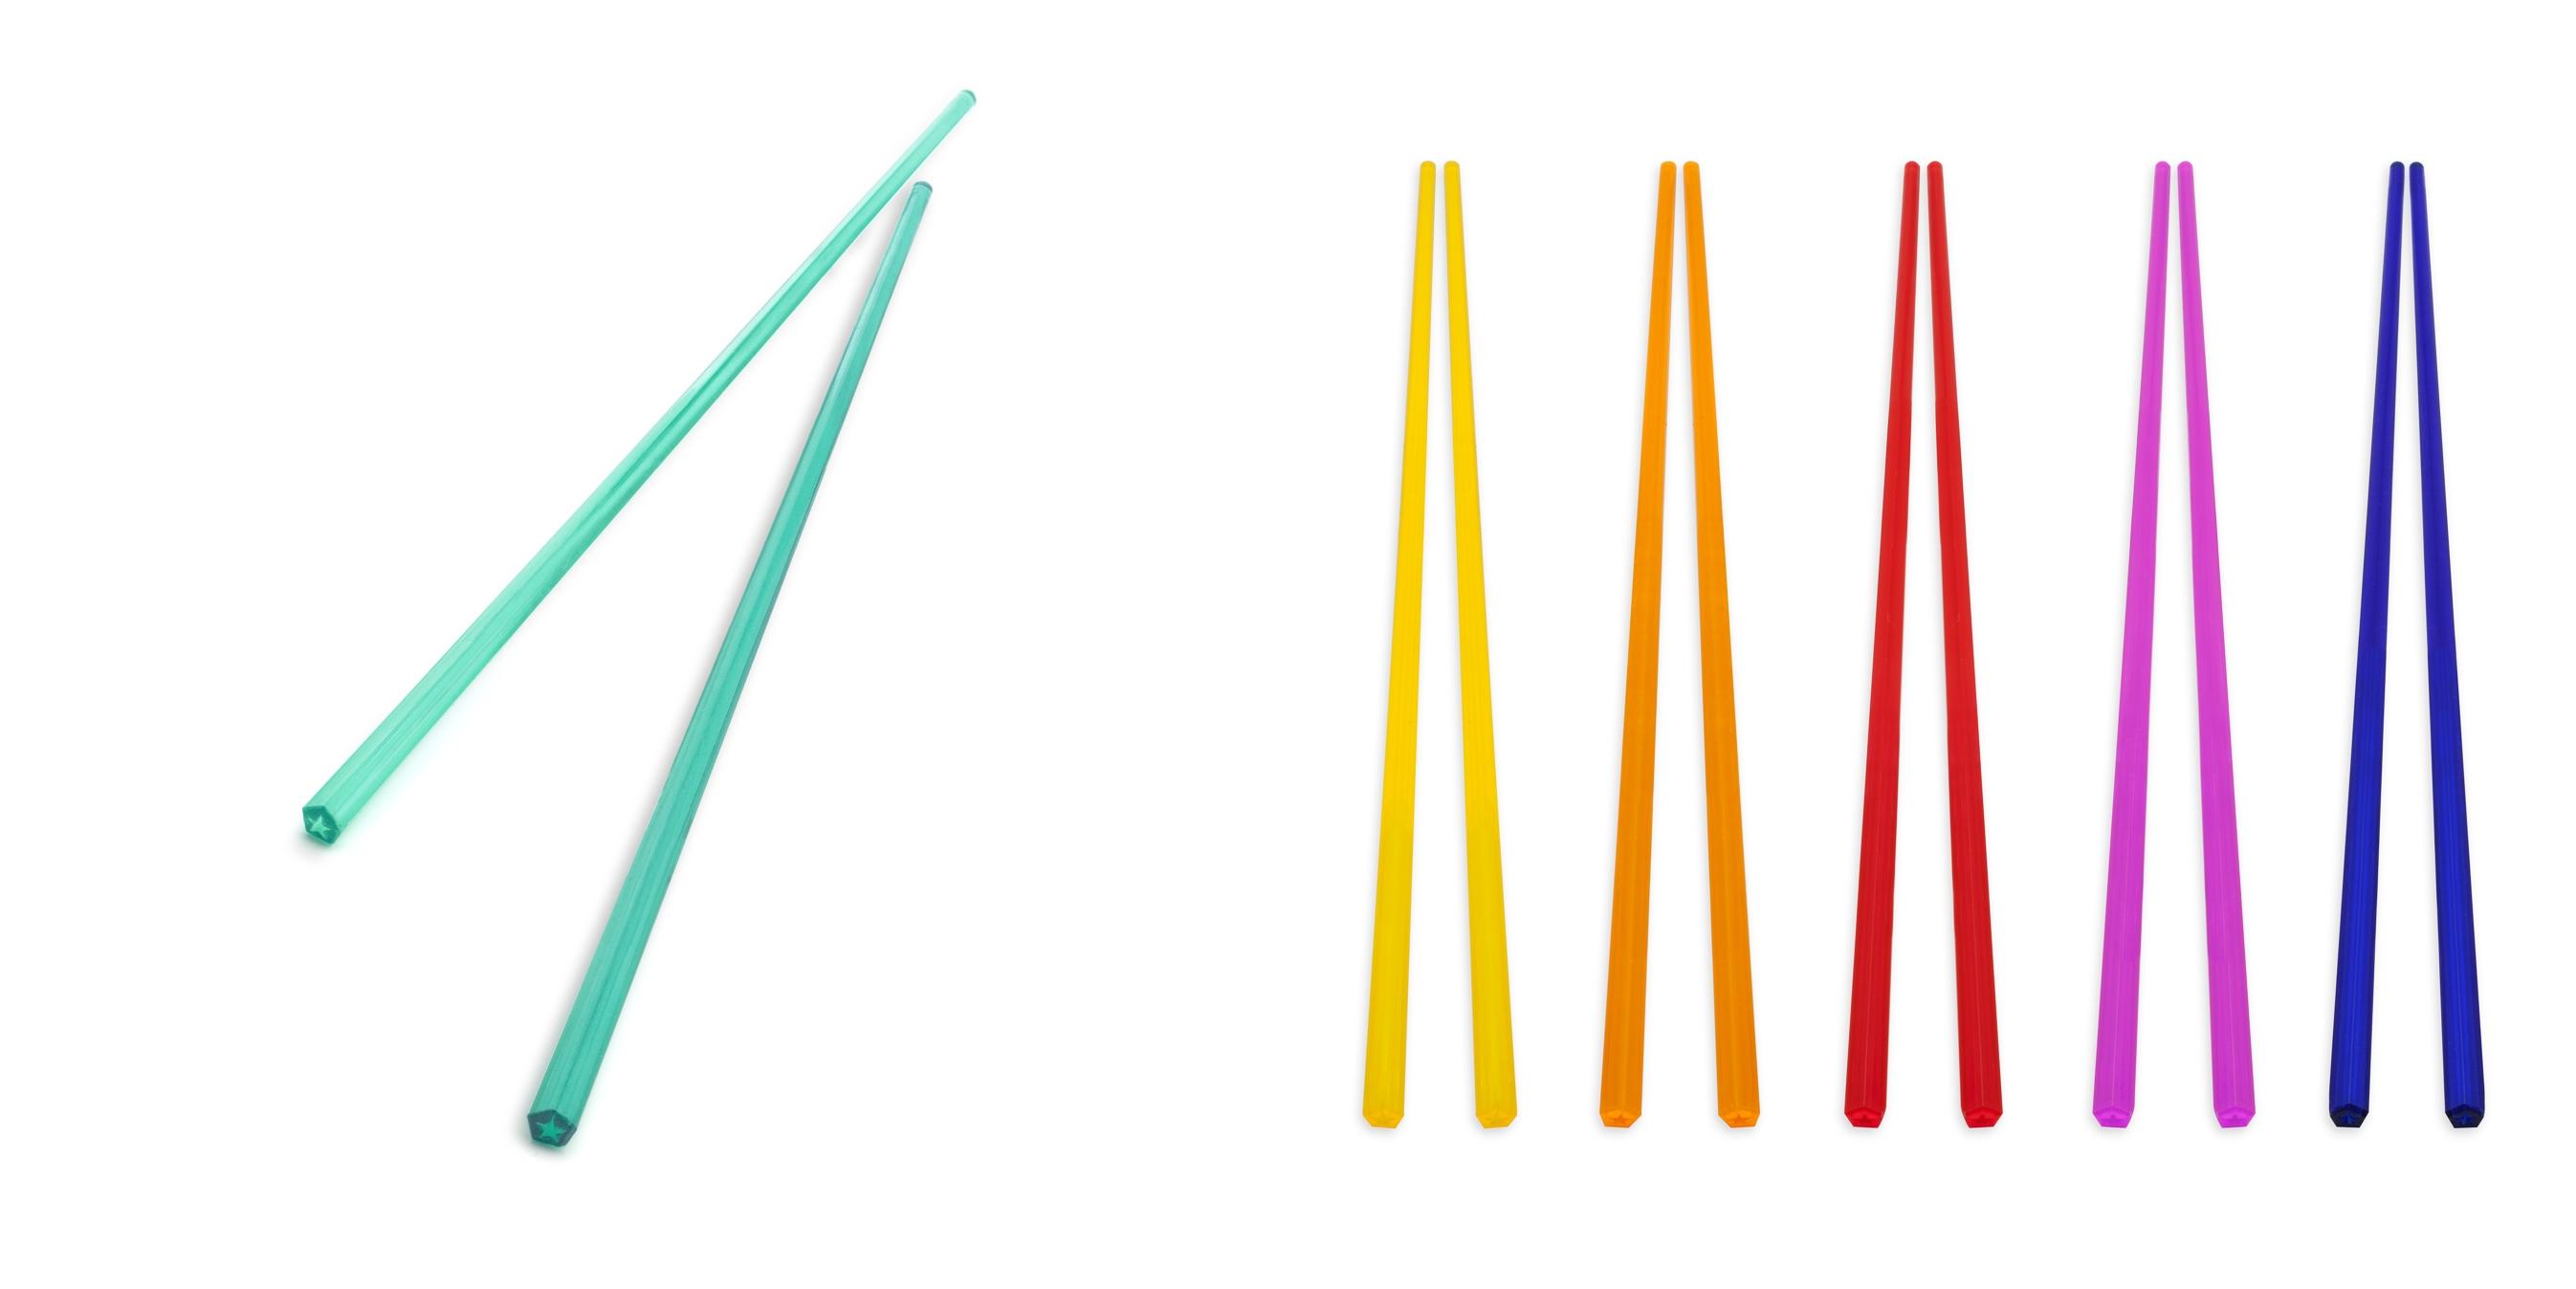 Mario Bellini, bacchette colorate che insieme formano l'arcobaleno